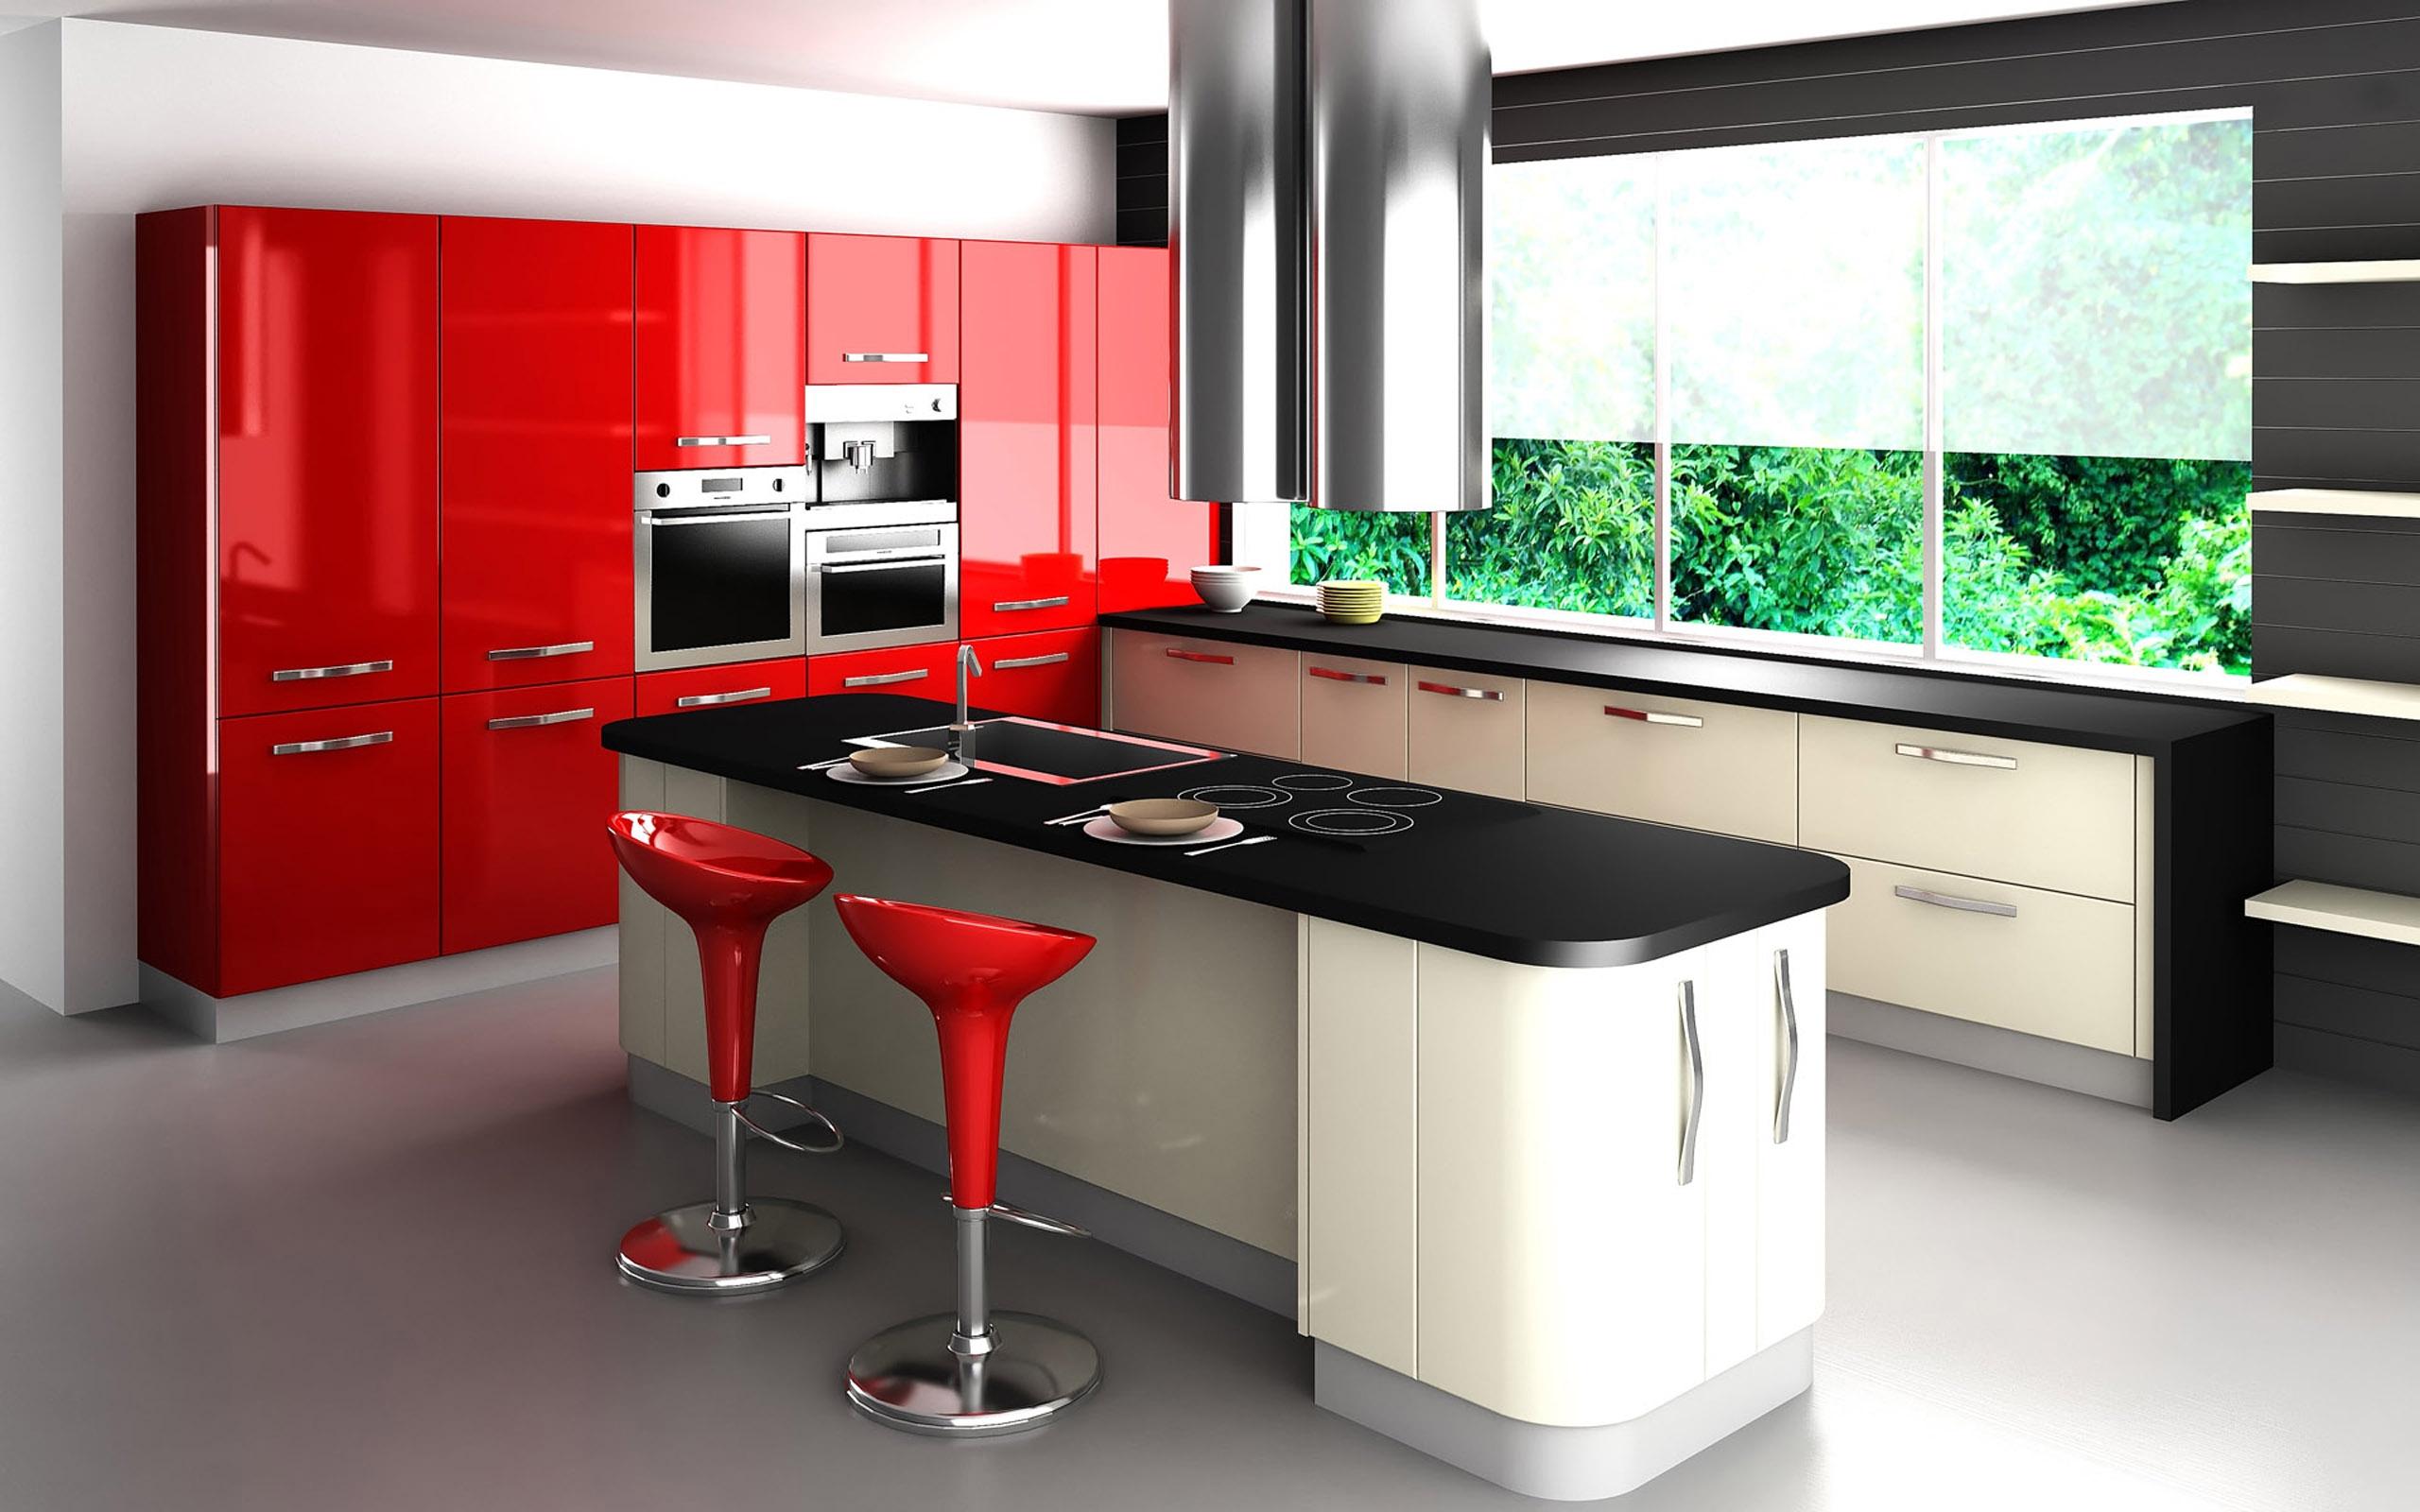 Kitchen Designs Red Kitchen Furniture Modern Kitchen On Redandwhitekitchenfurnituremodernkitchendesignsredblackandred Kitchendesigns Redandwhitekitchenfurnituremodernkitchendesignsredblackand